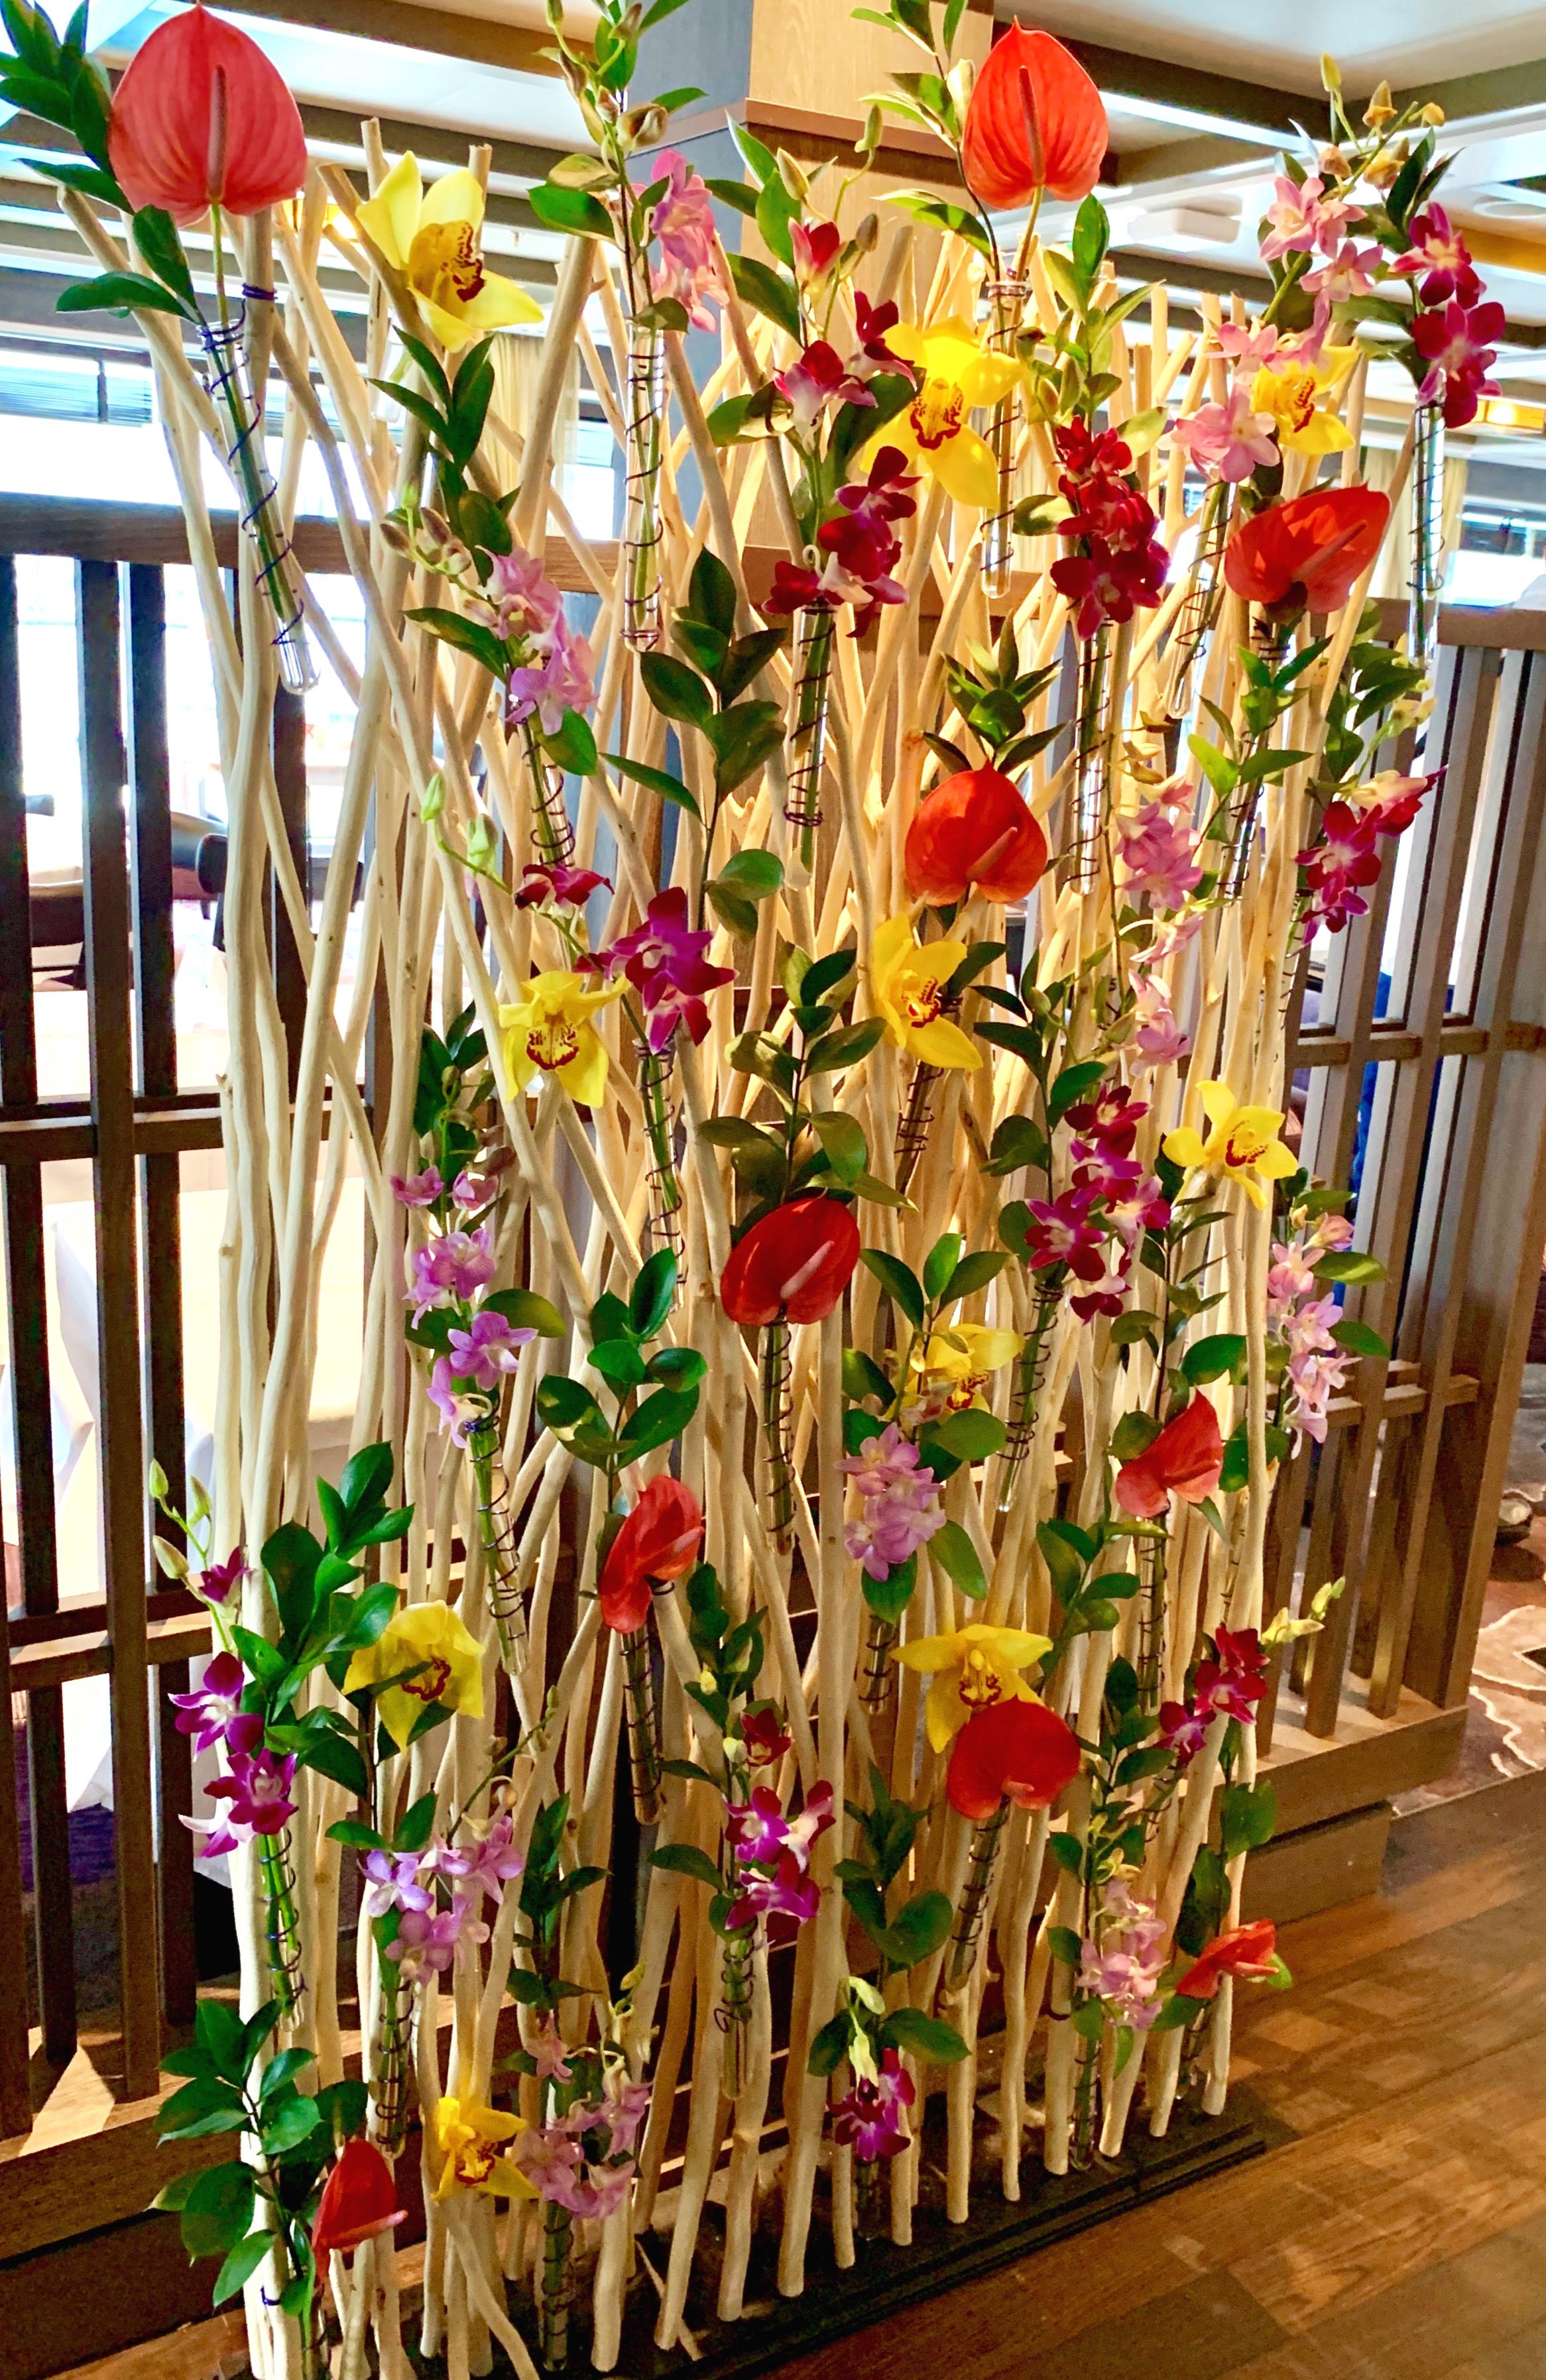 More flowers in Tamarind